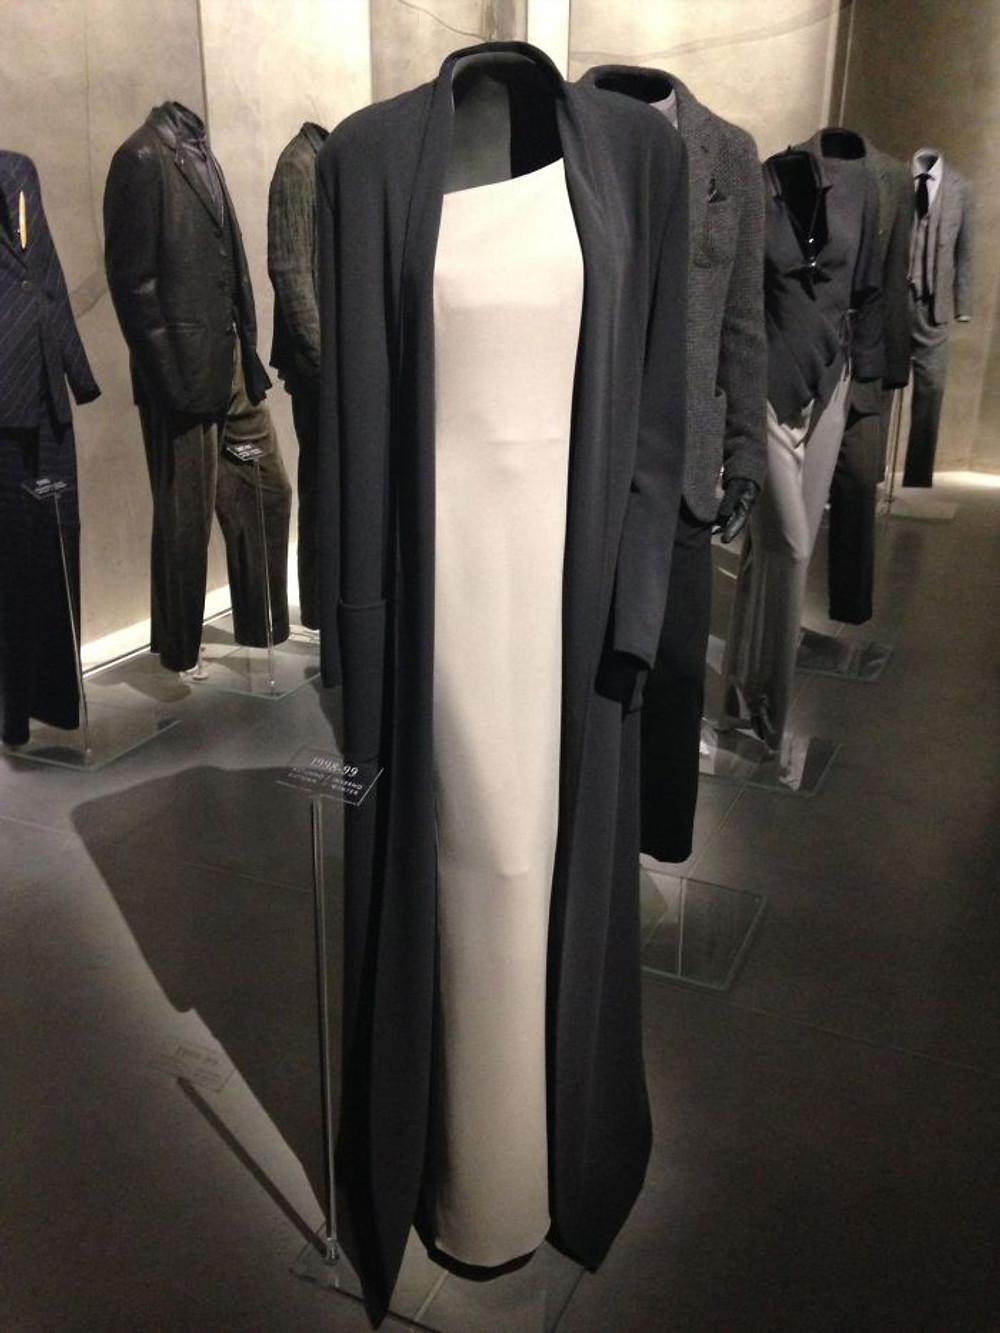 exhibition-armani40-atribute - 016